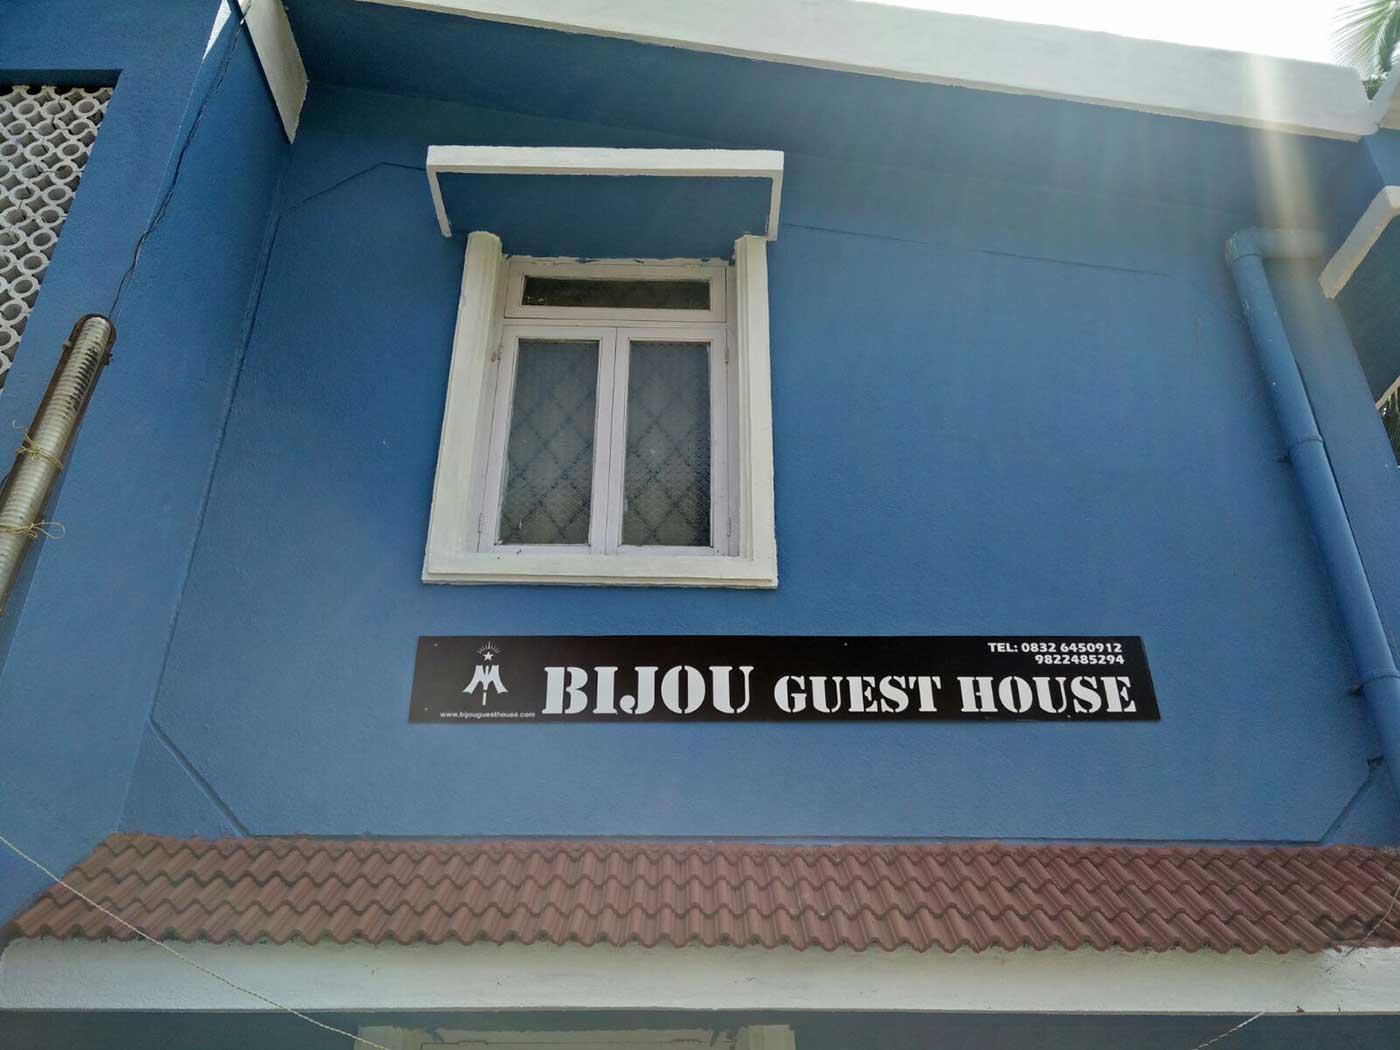 bijou guest house board